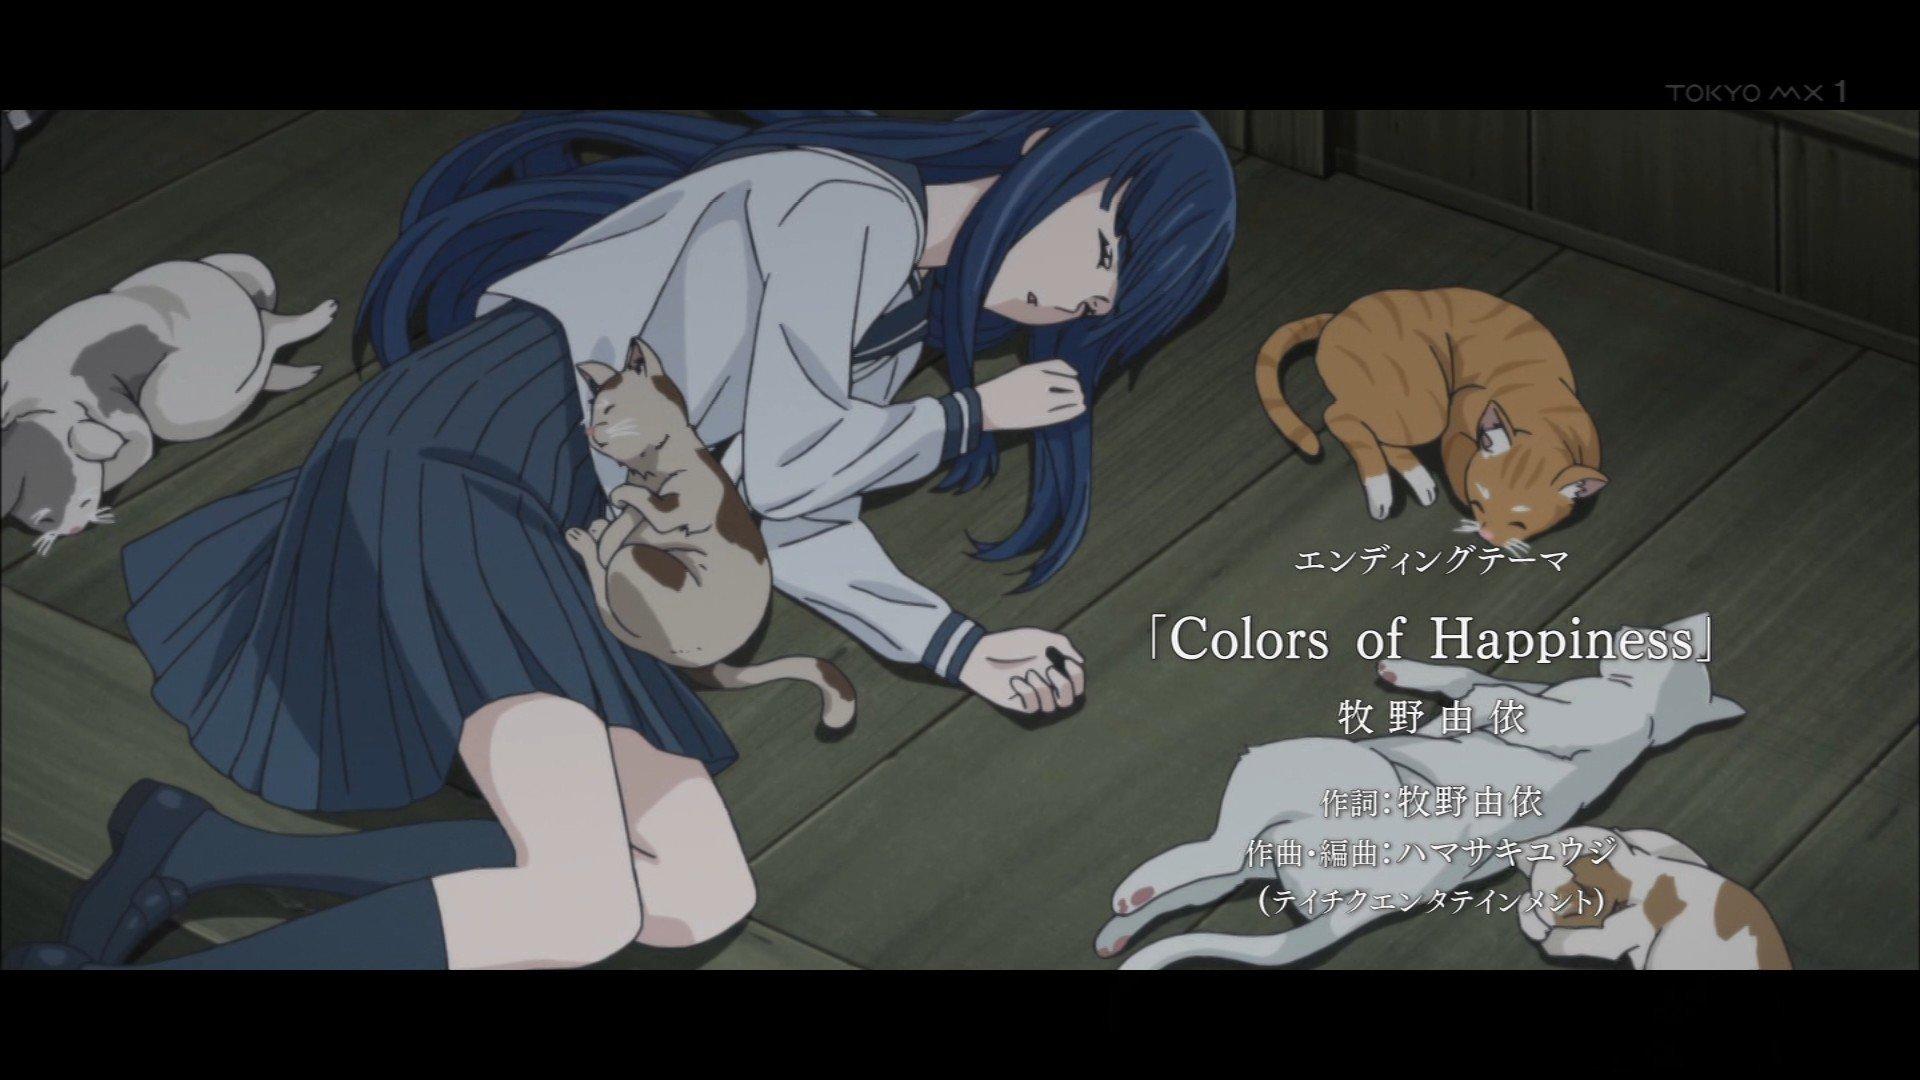 エンディングテーマ 「Colors of Happiness」 牧野由依 #sagrada_anime #tokyomx https://t.co/Yo78z85ilz